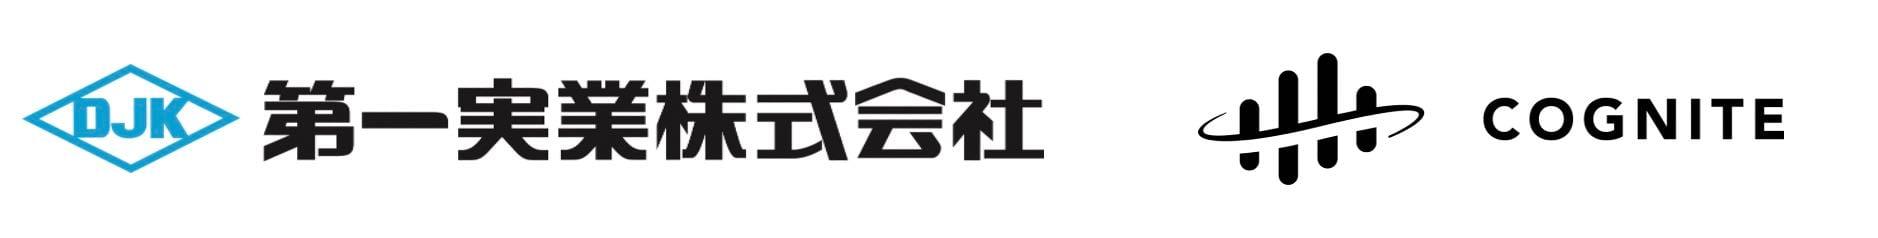 djk-cognite-logos